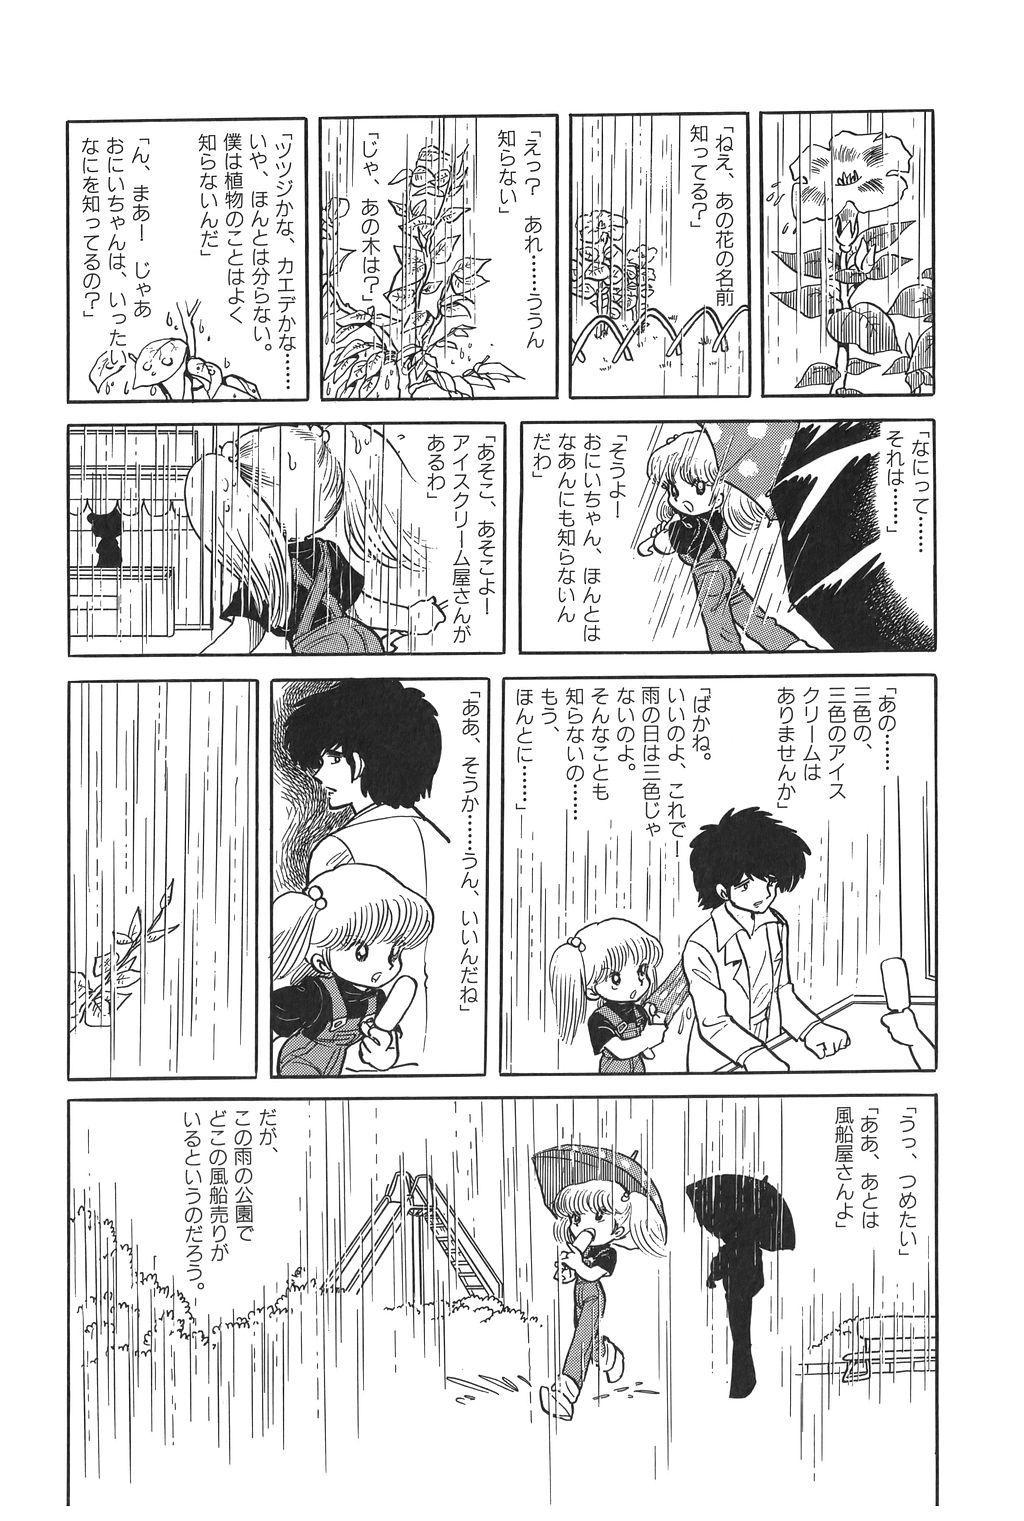 Azuma Hideo Sakuhin Shuusei - Yoru no Tobari no Naka de 108